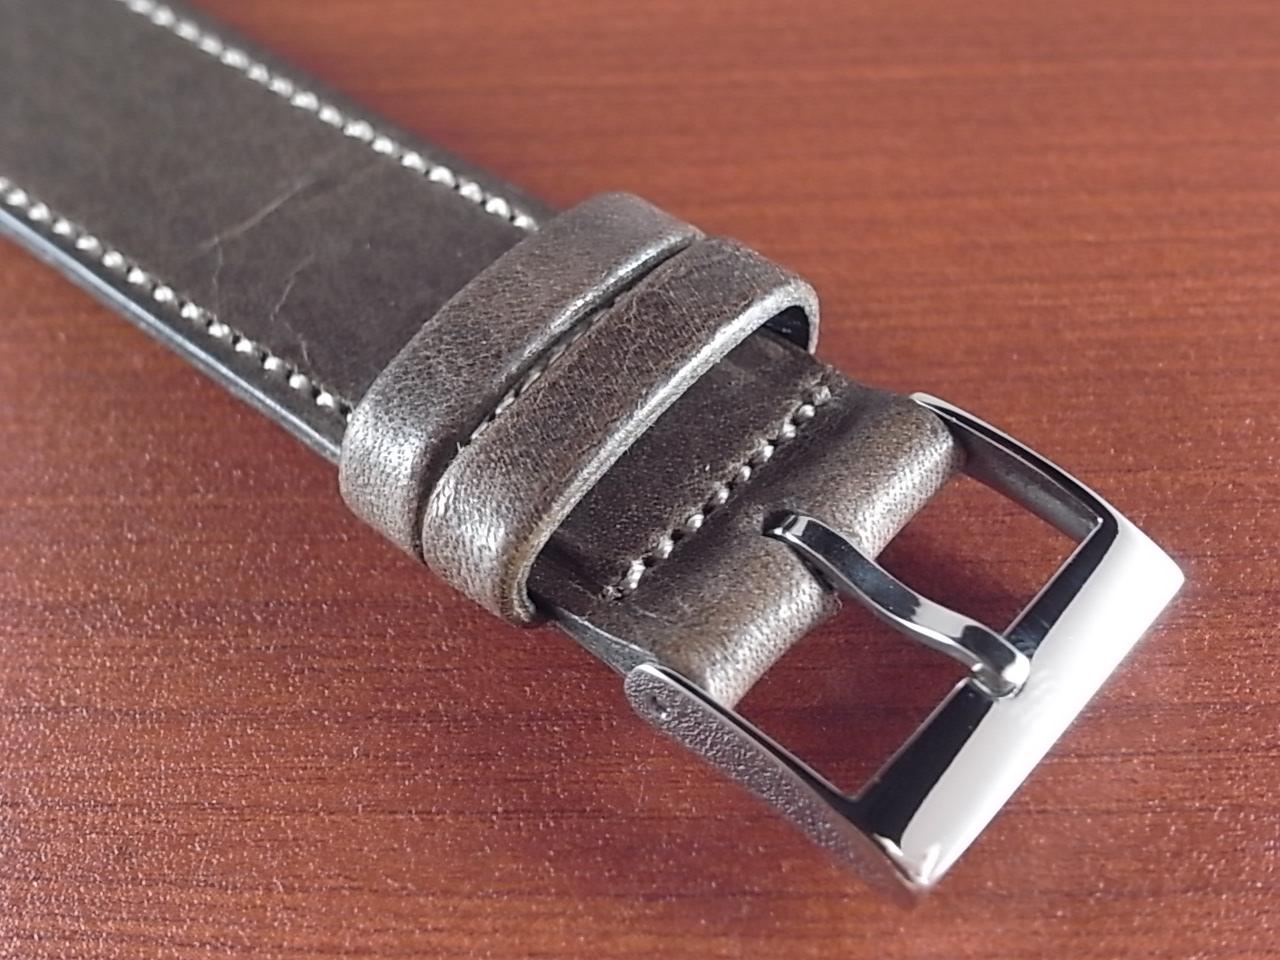 艶ありヌメ牛ステア 革ベルト グレーブラウン 16、17、18、19、20mm CC-033aの写真3枚目